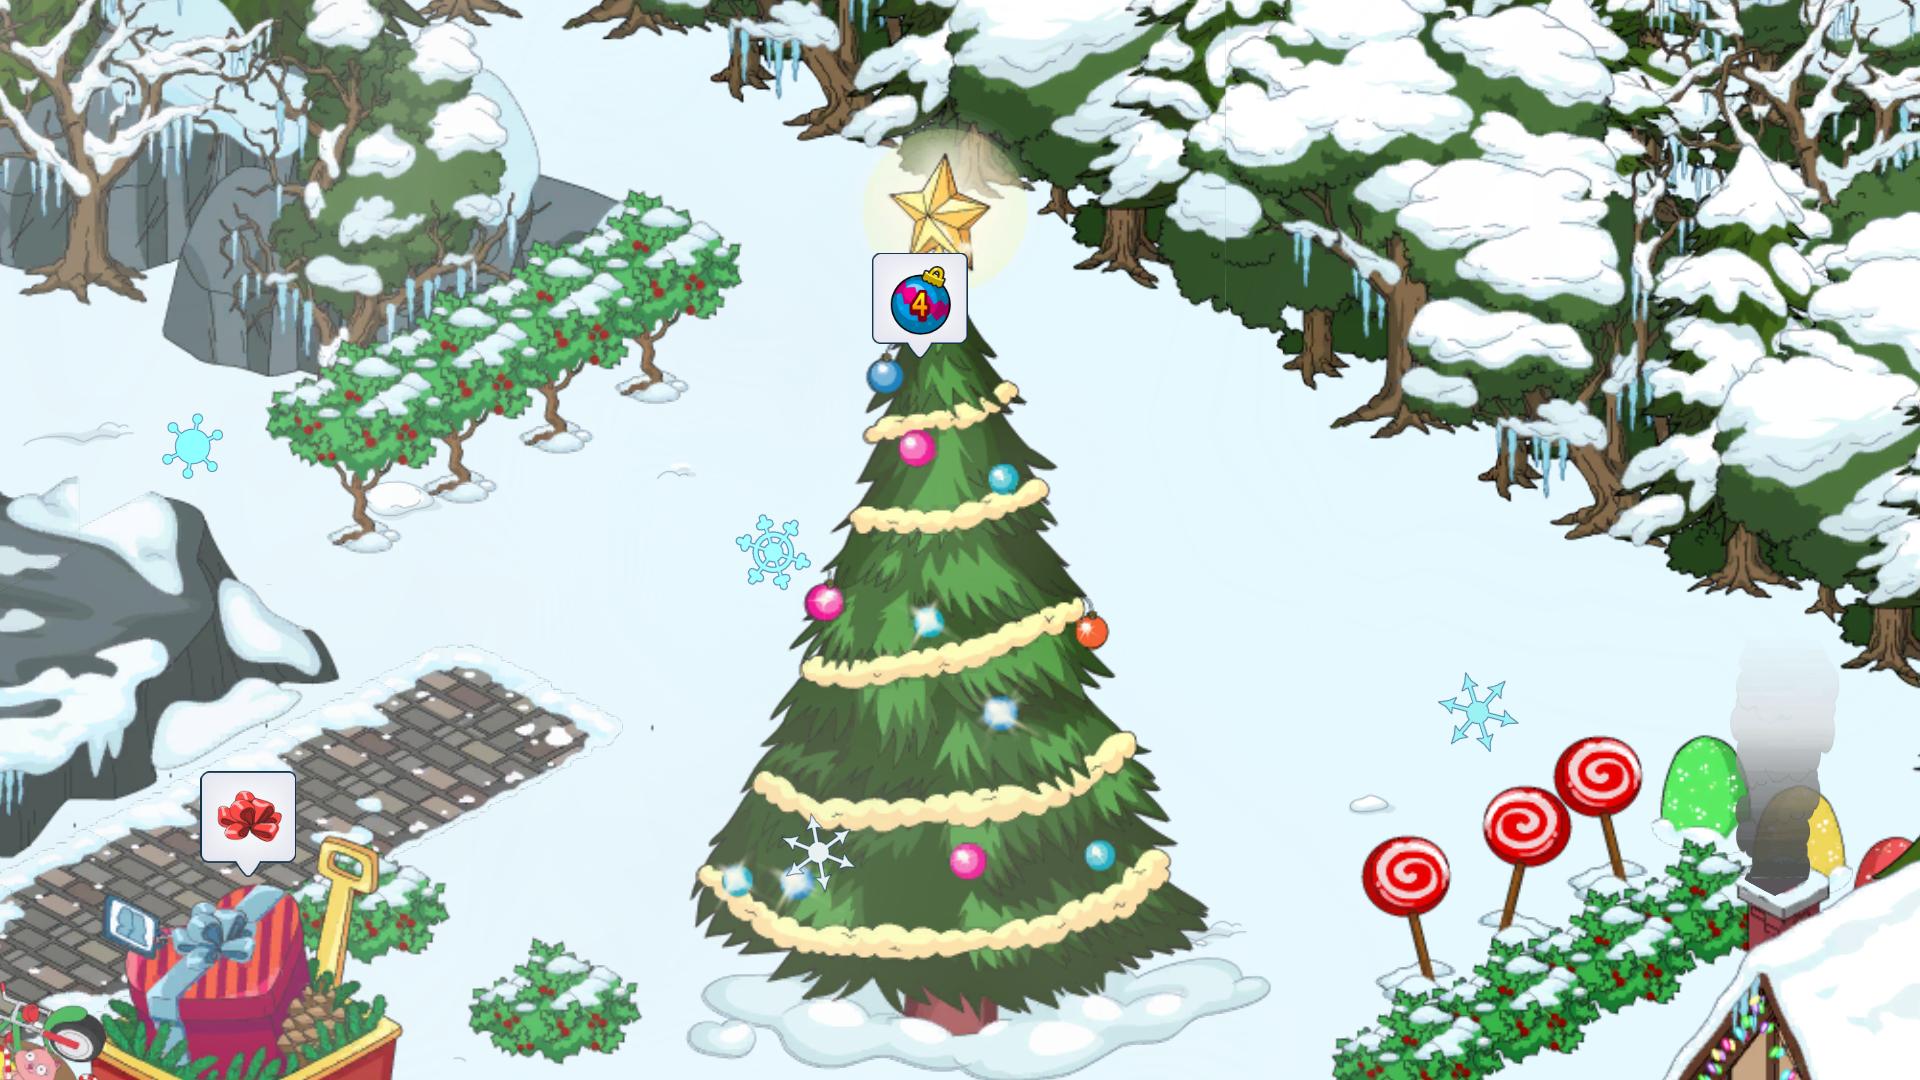 Jolly Christmas Tree Update Postponed